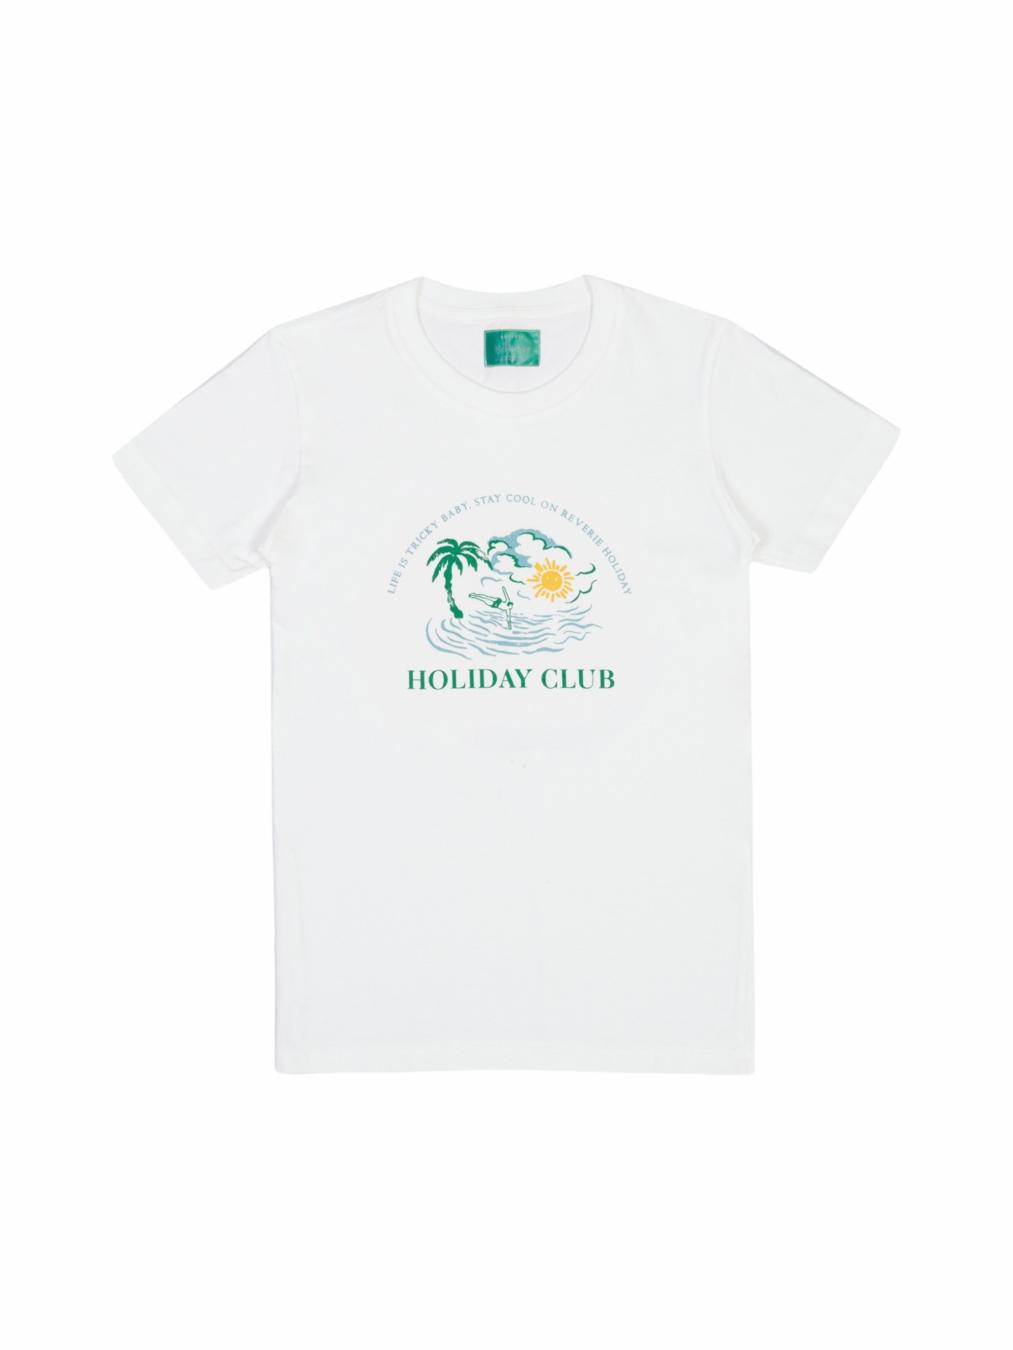 Holiday Club Tee